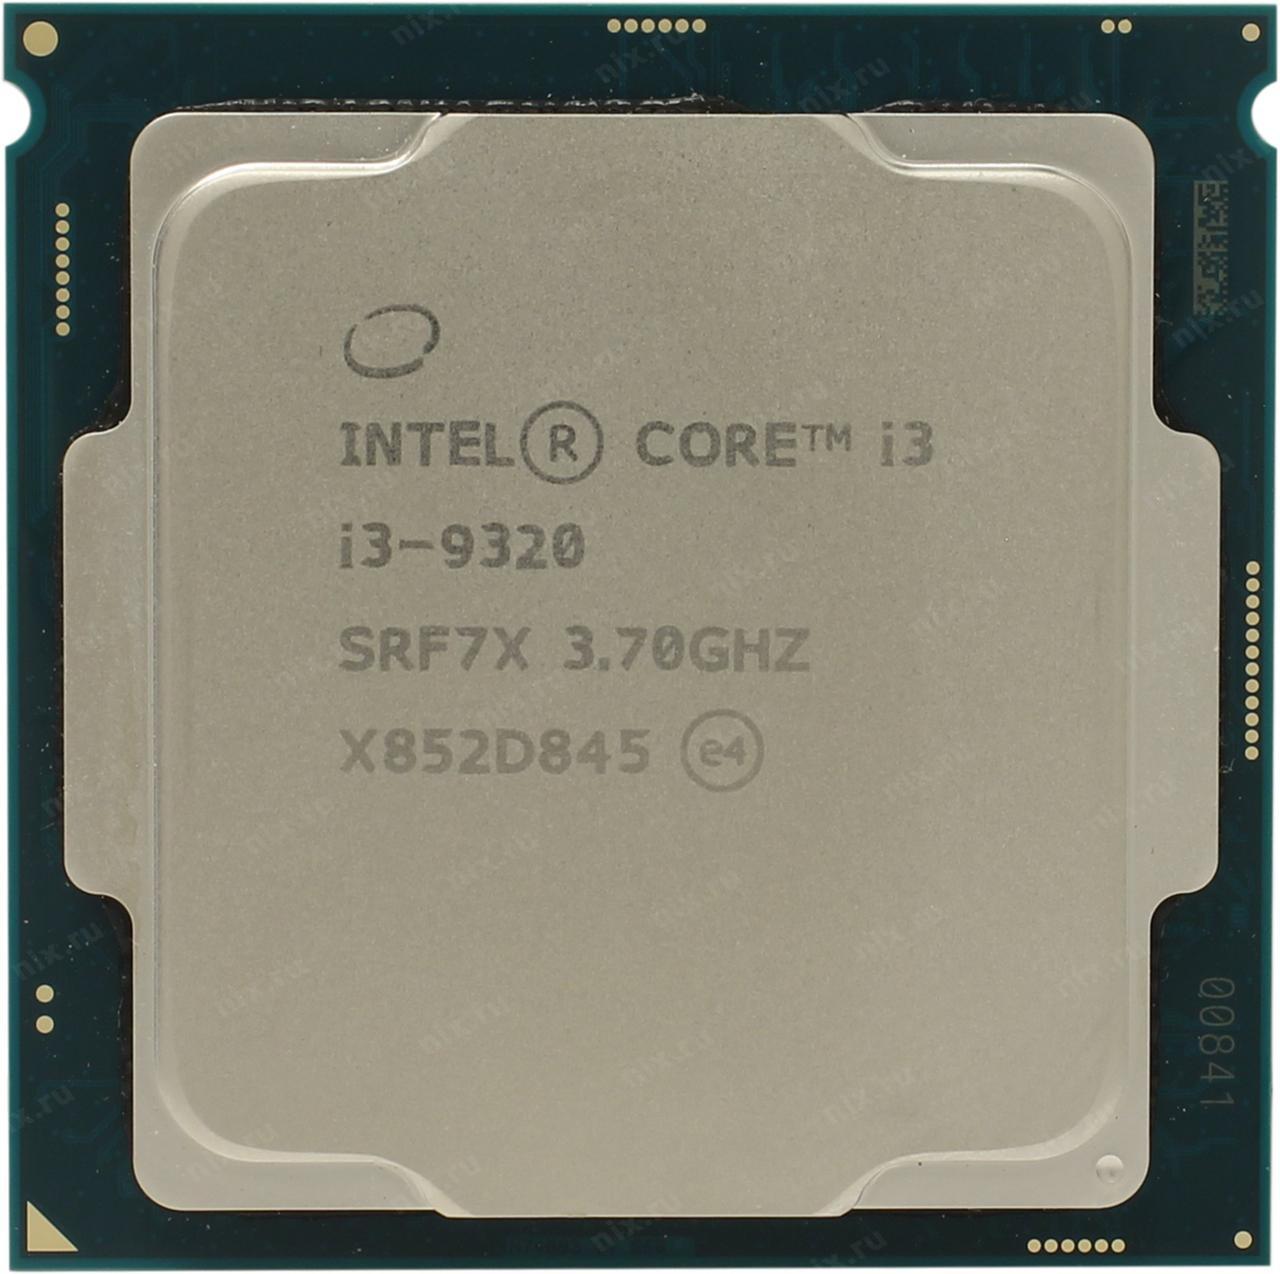 Процессор Intel 1151 i3-9320 3,7GHz, 8Mb